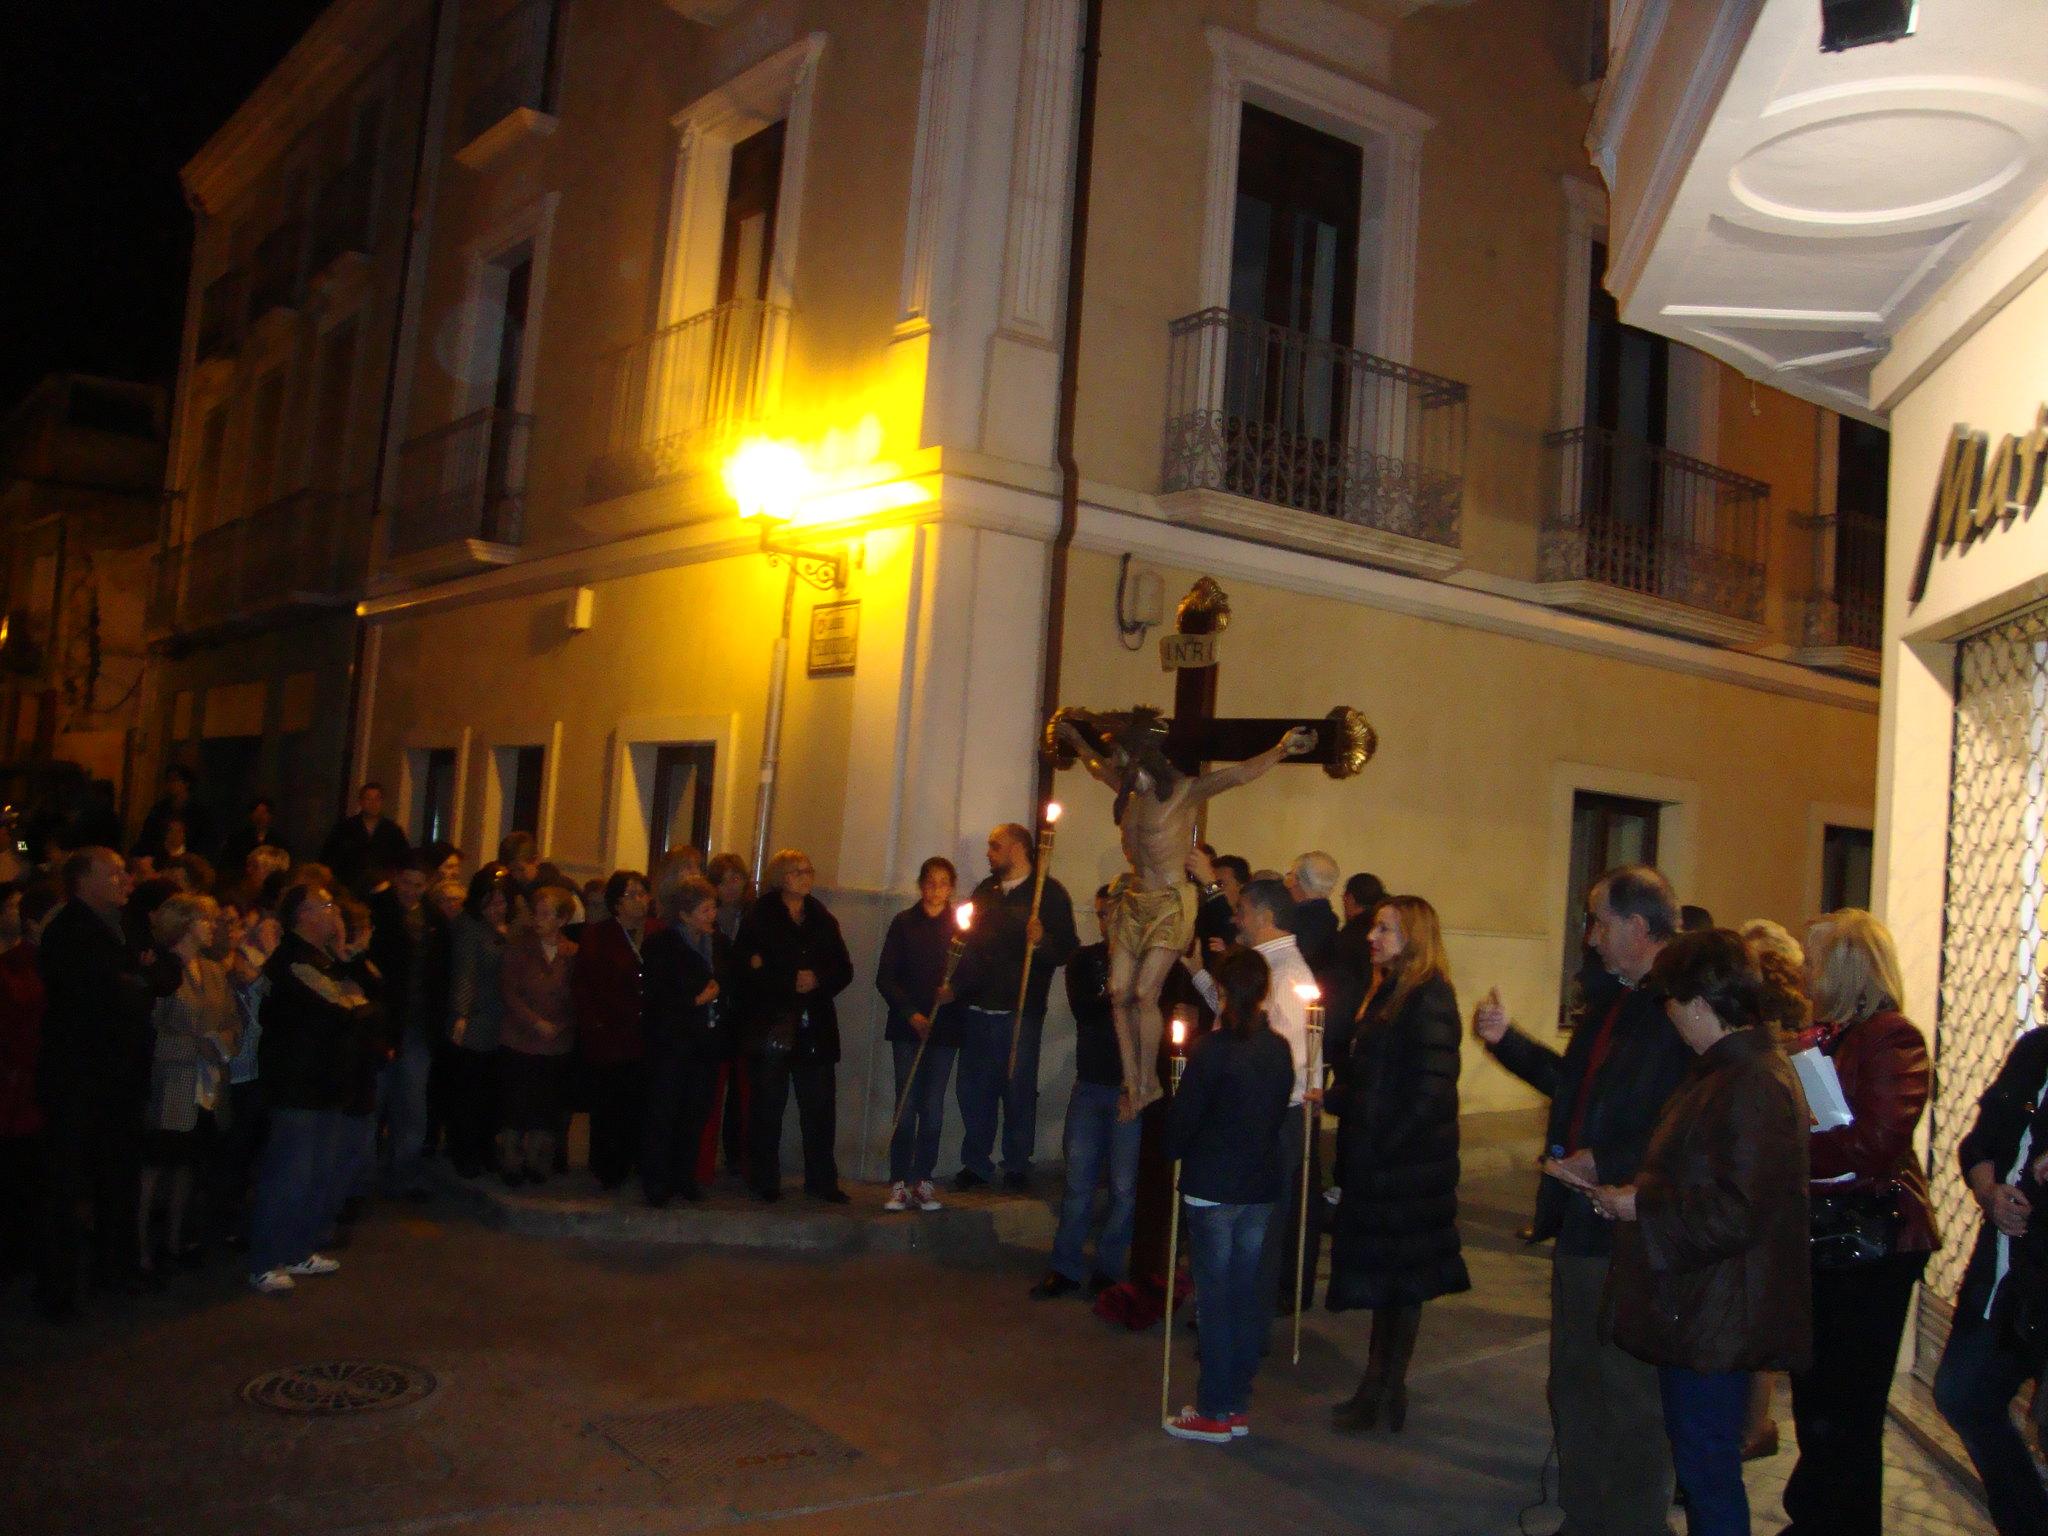 (2011-04-15) - II Vía Crucis nocturno - Javier Montesinos Villaplana -  (14)